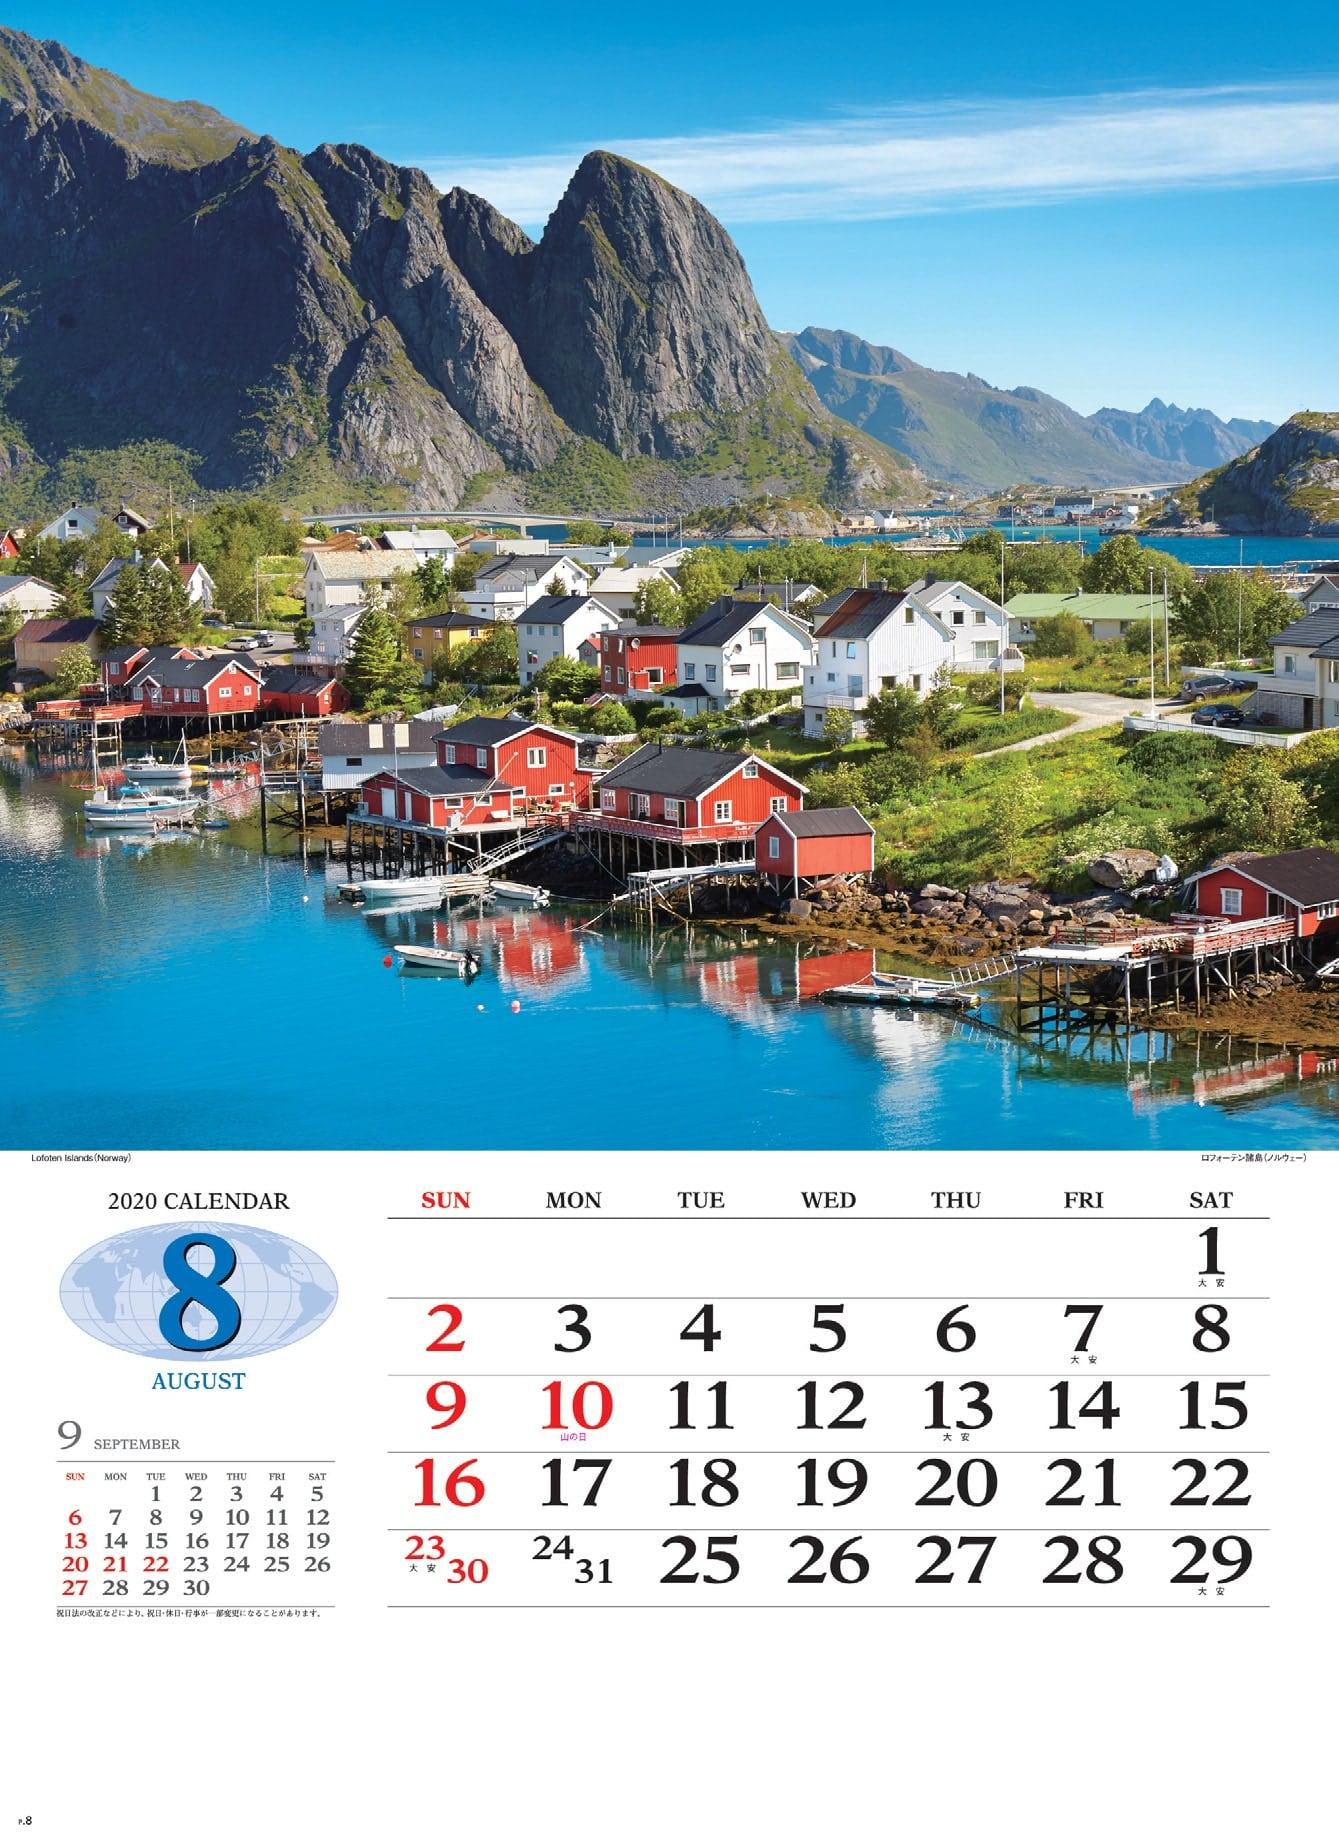 画像:ロフォーテン諸島(ノルウェー) 世界の景観 2020年カレンダー